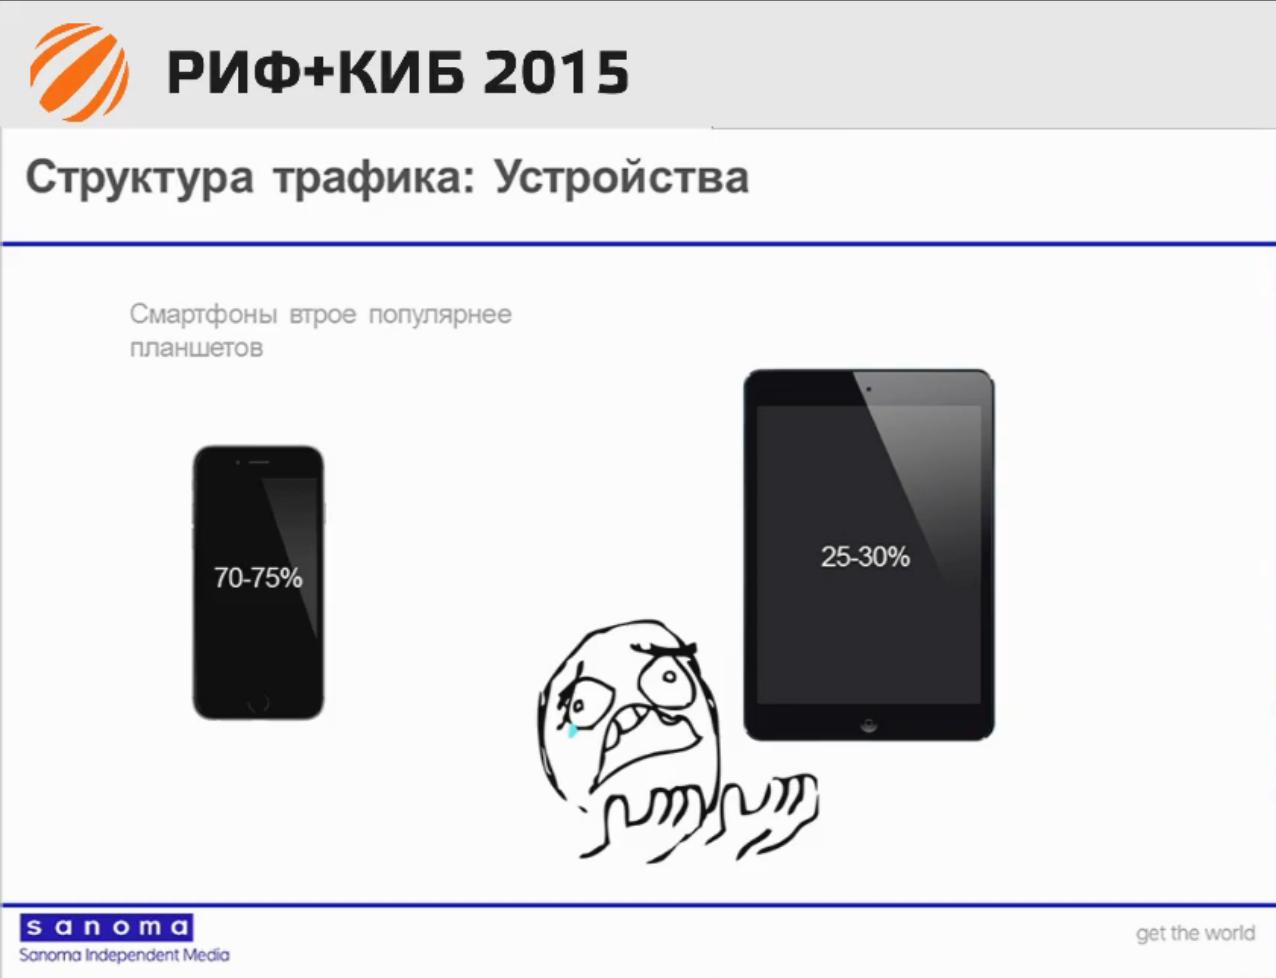 Цифровой директор Sanoma: нам пришлось выбрать iOS; Android — крайне факультативная платформа - 3